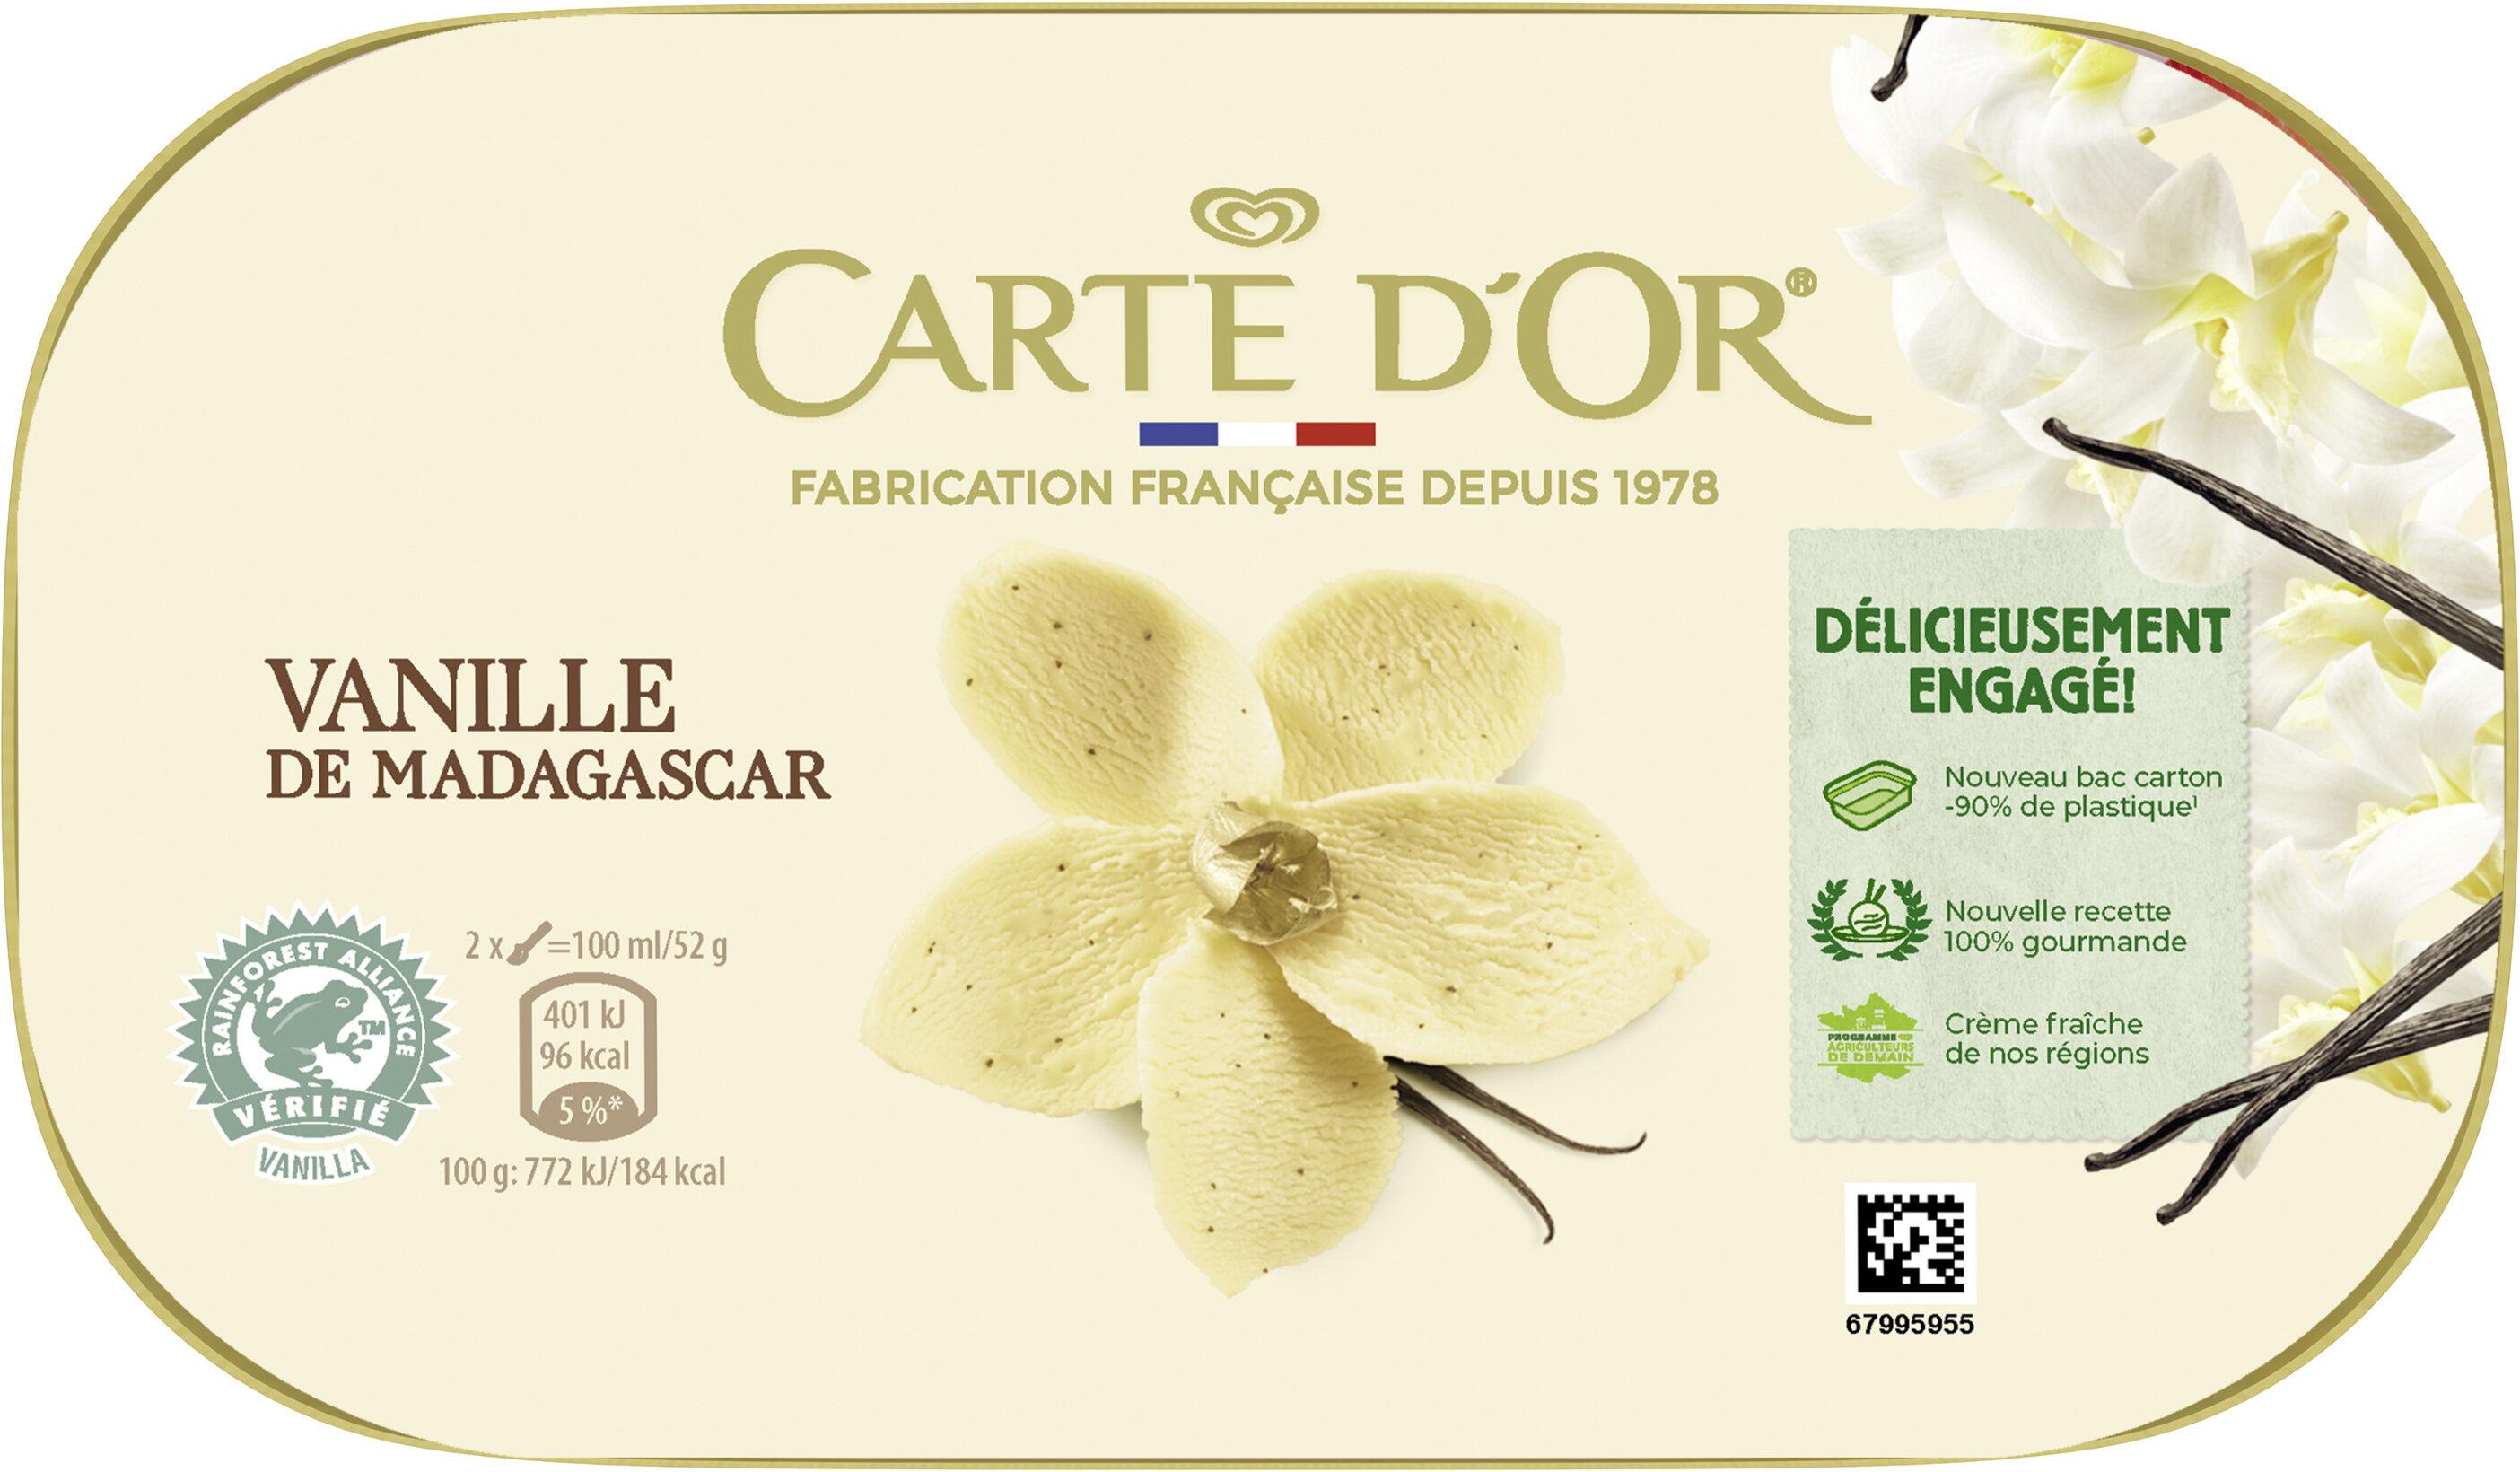 Carte D'or Glace Vanille de Madagascar 900ml - Produit - fr